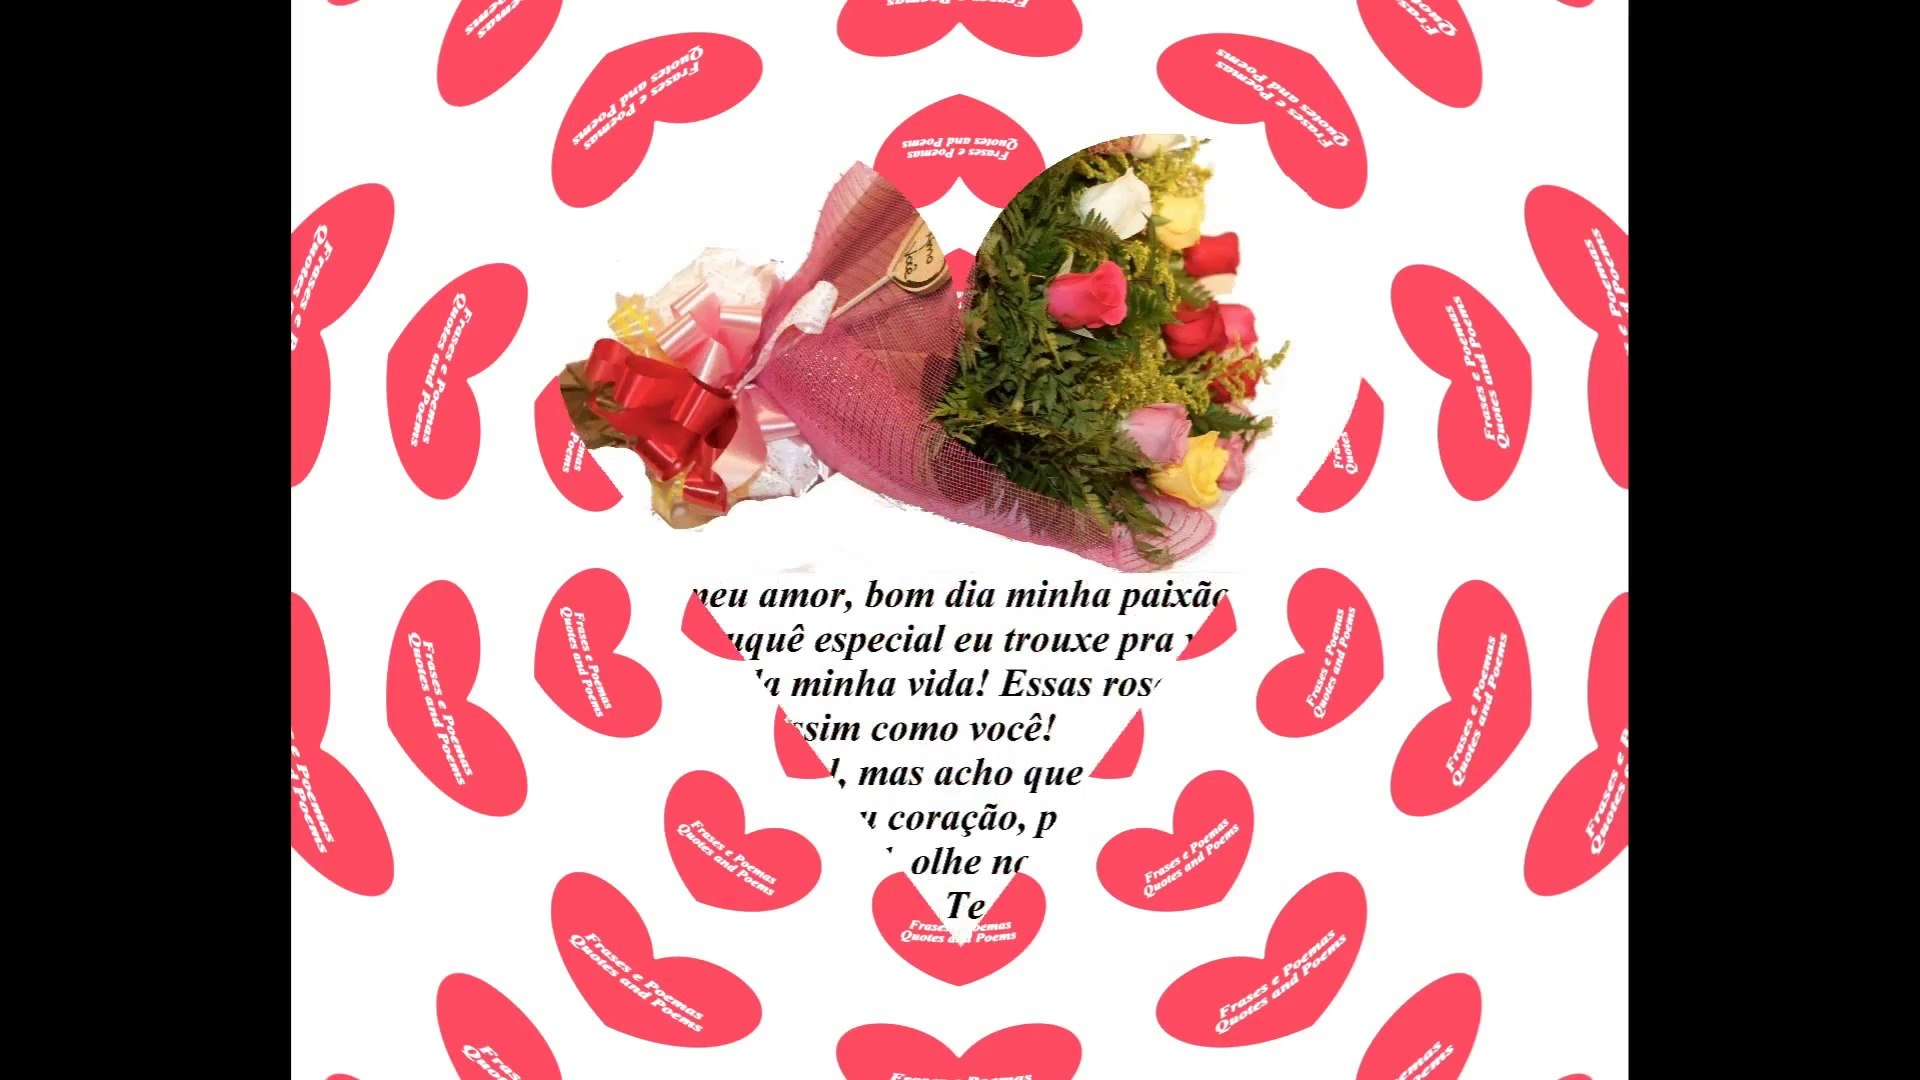 Bom Dia Meu Amor Trouxe Um Buquê Especial Te Amo Mensagem Frases E Poemas